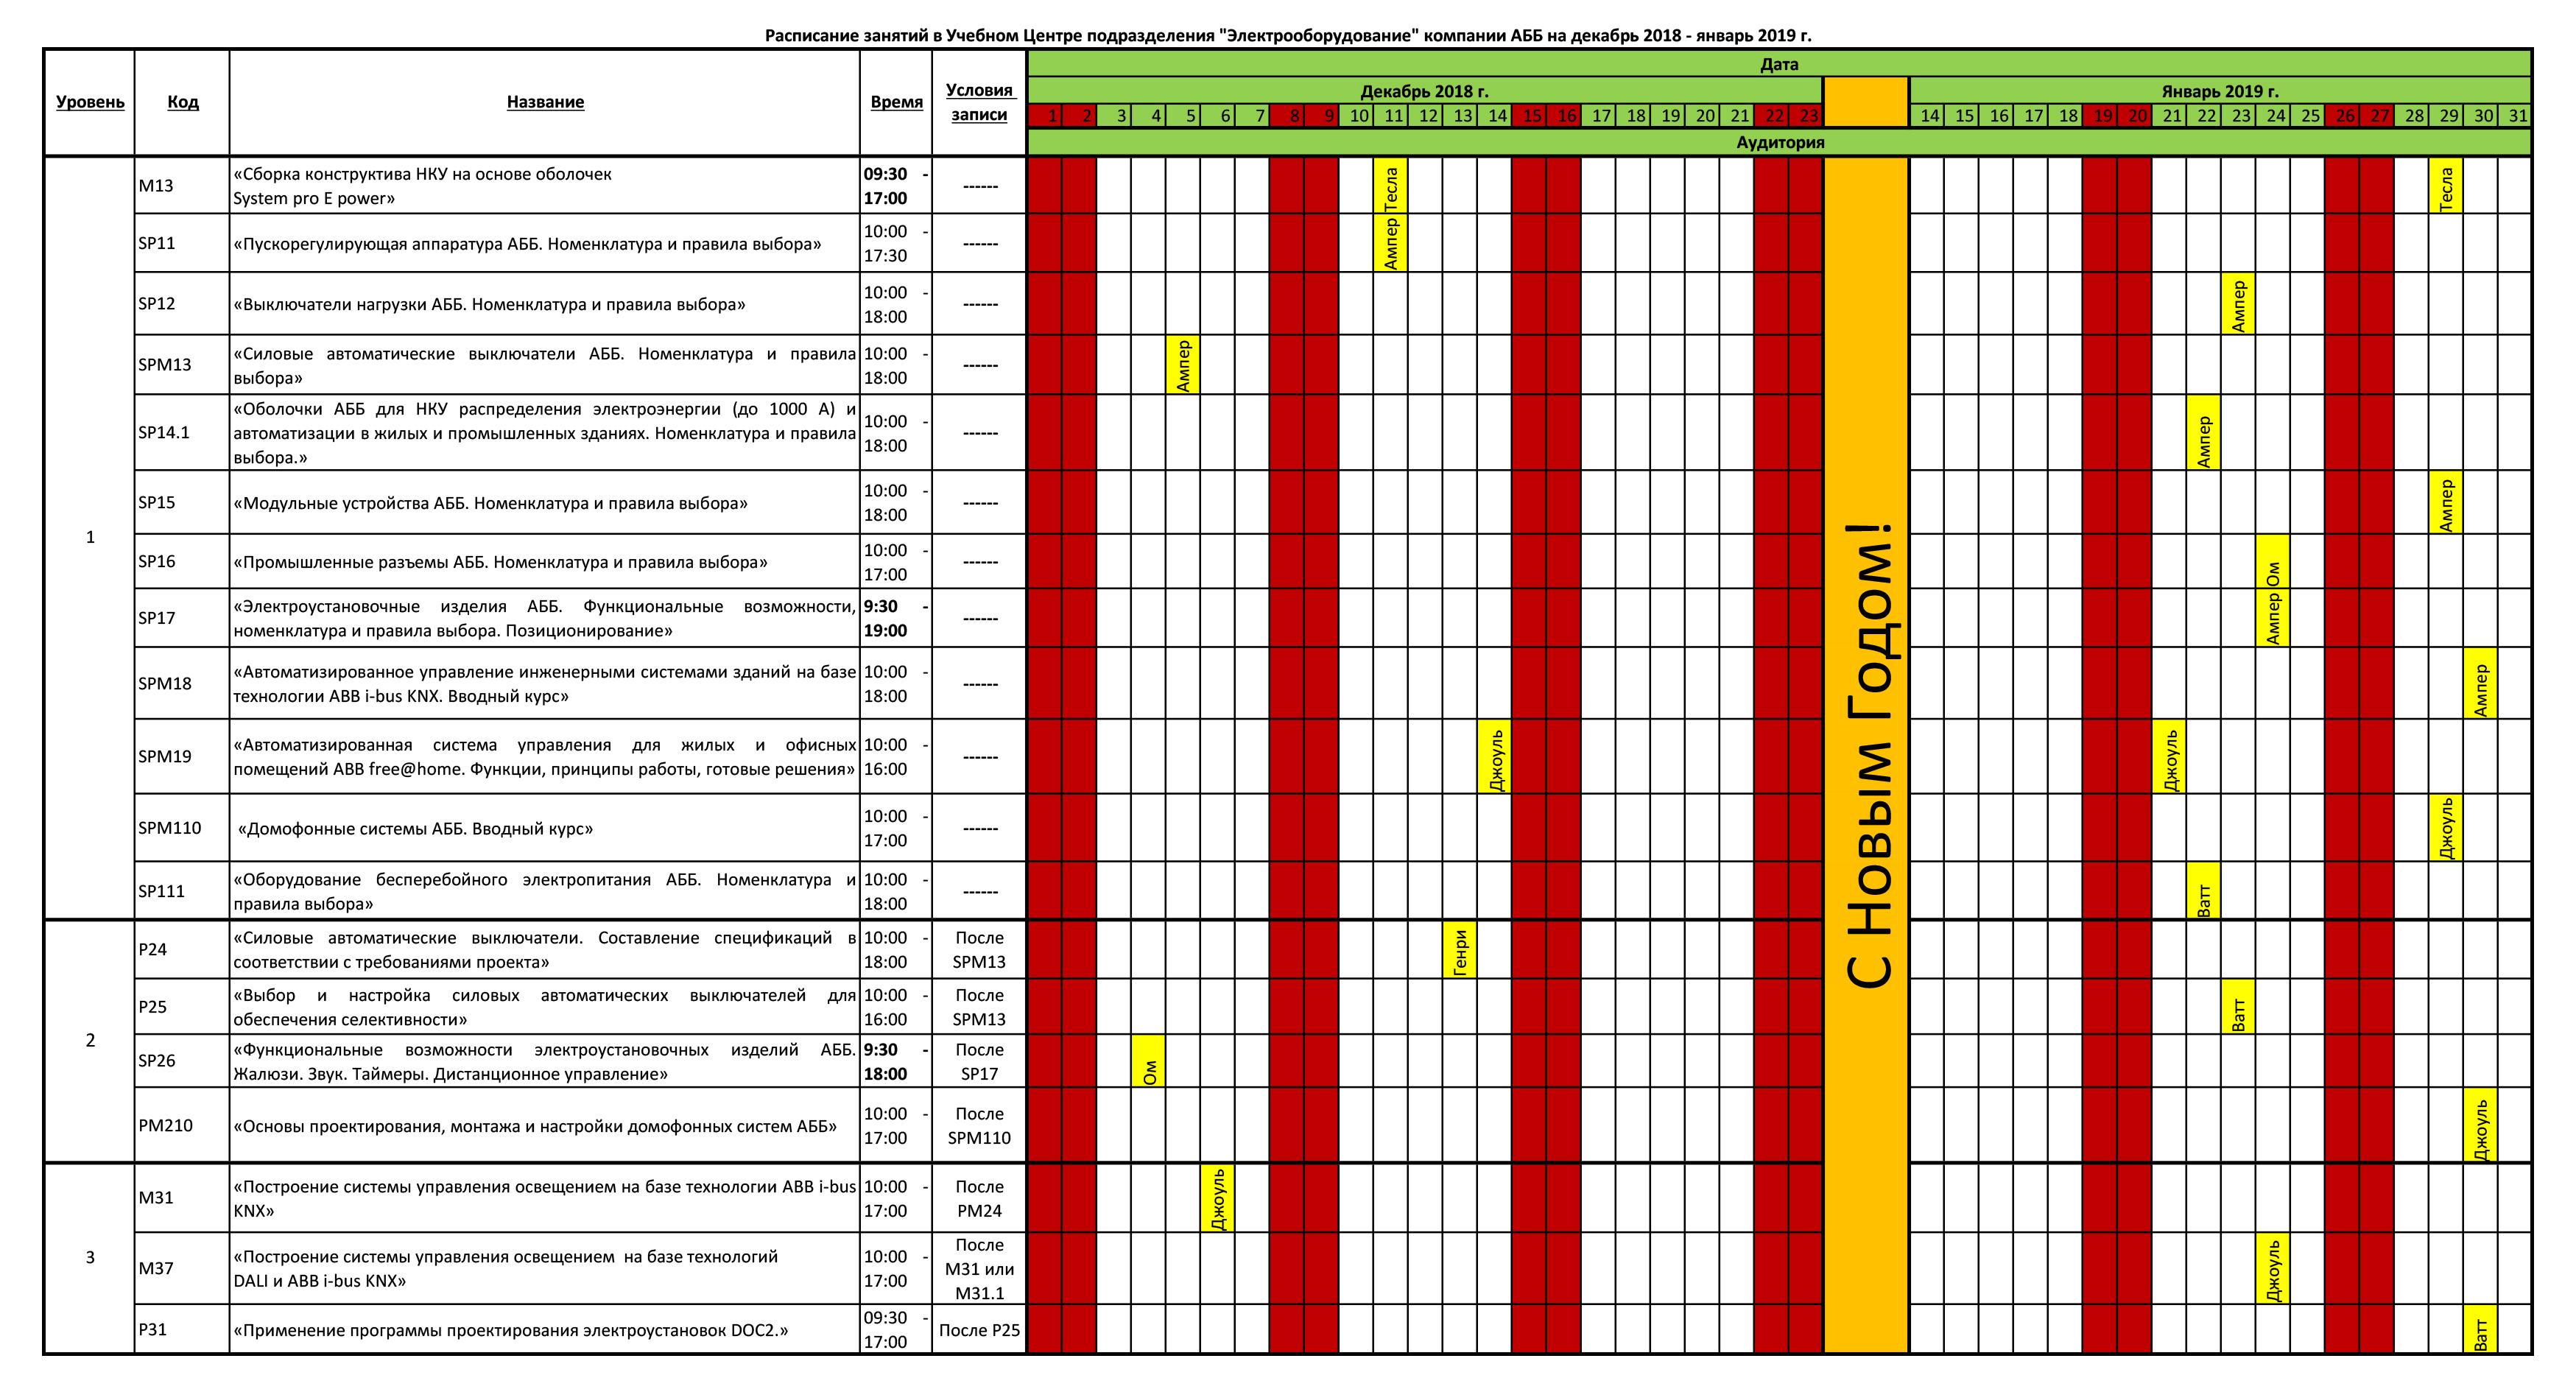 Расписание семинаров в Москве на декабрь 18-январь 19